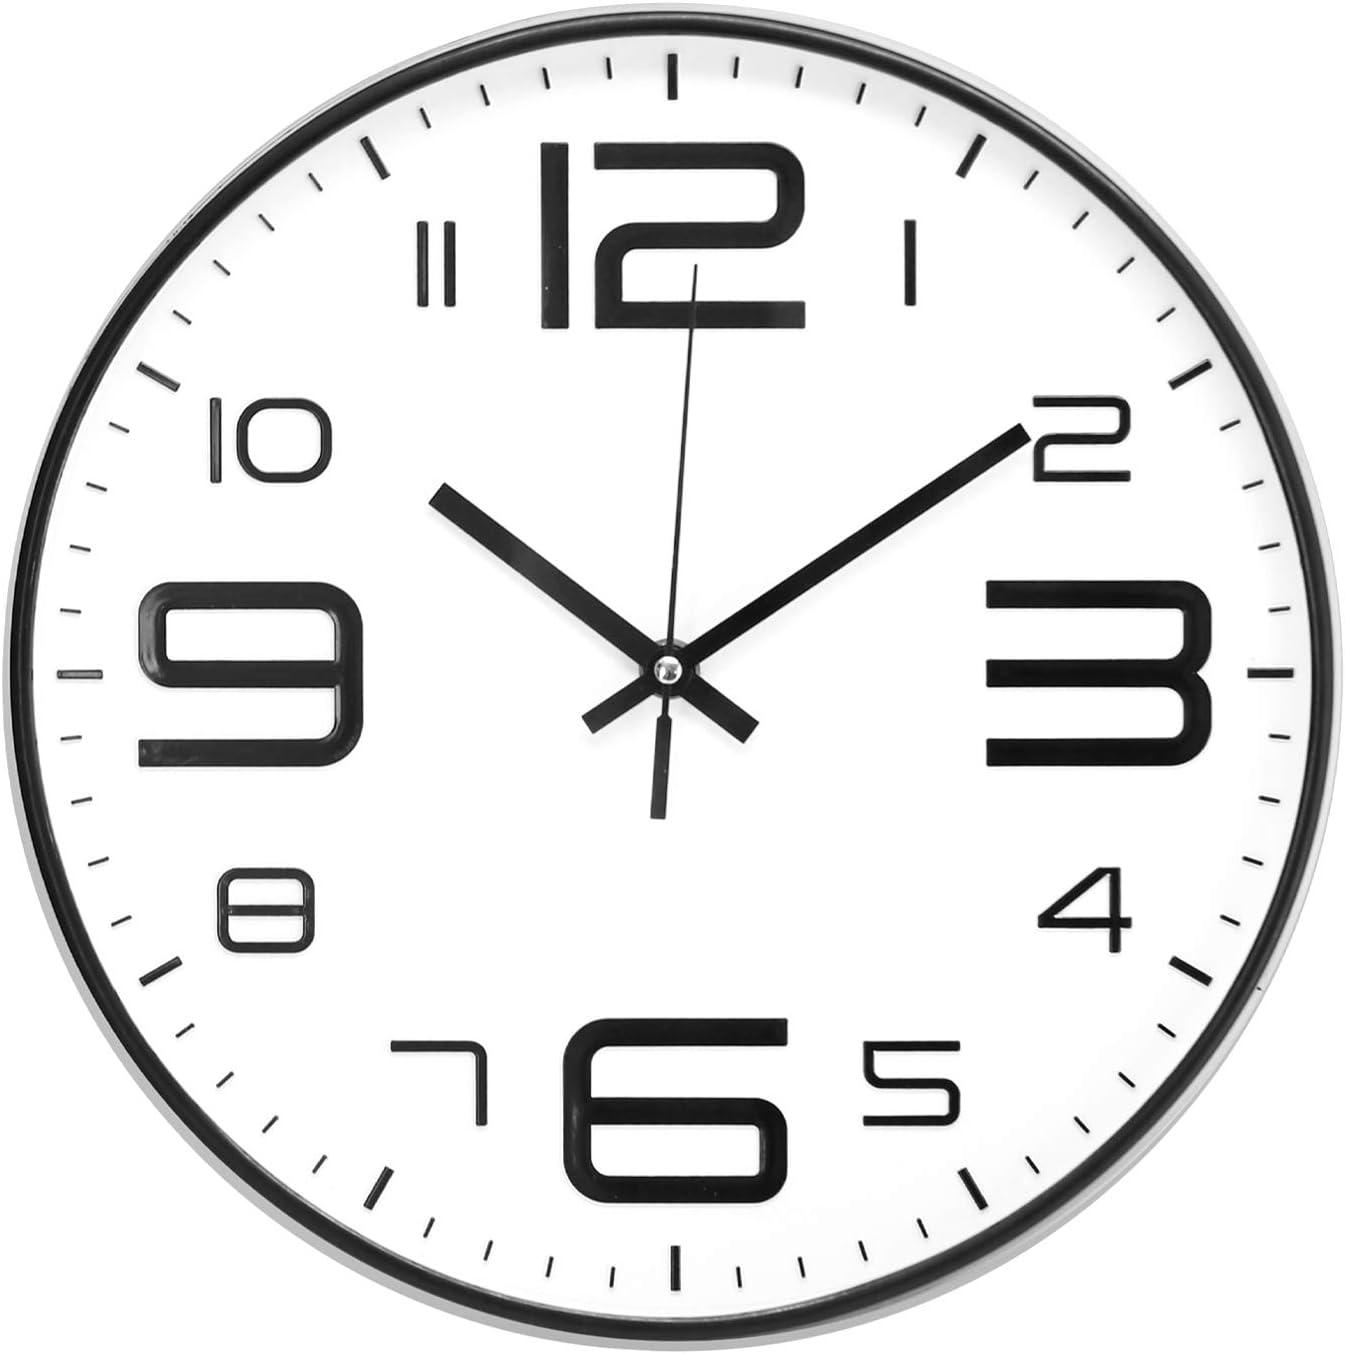 ufengke Reloj de Pared Numeros 3D Industrial Blanco Reloj Quartz Silencioso Ultramodernos Pare Salon Comedor, Diámetro 30cm